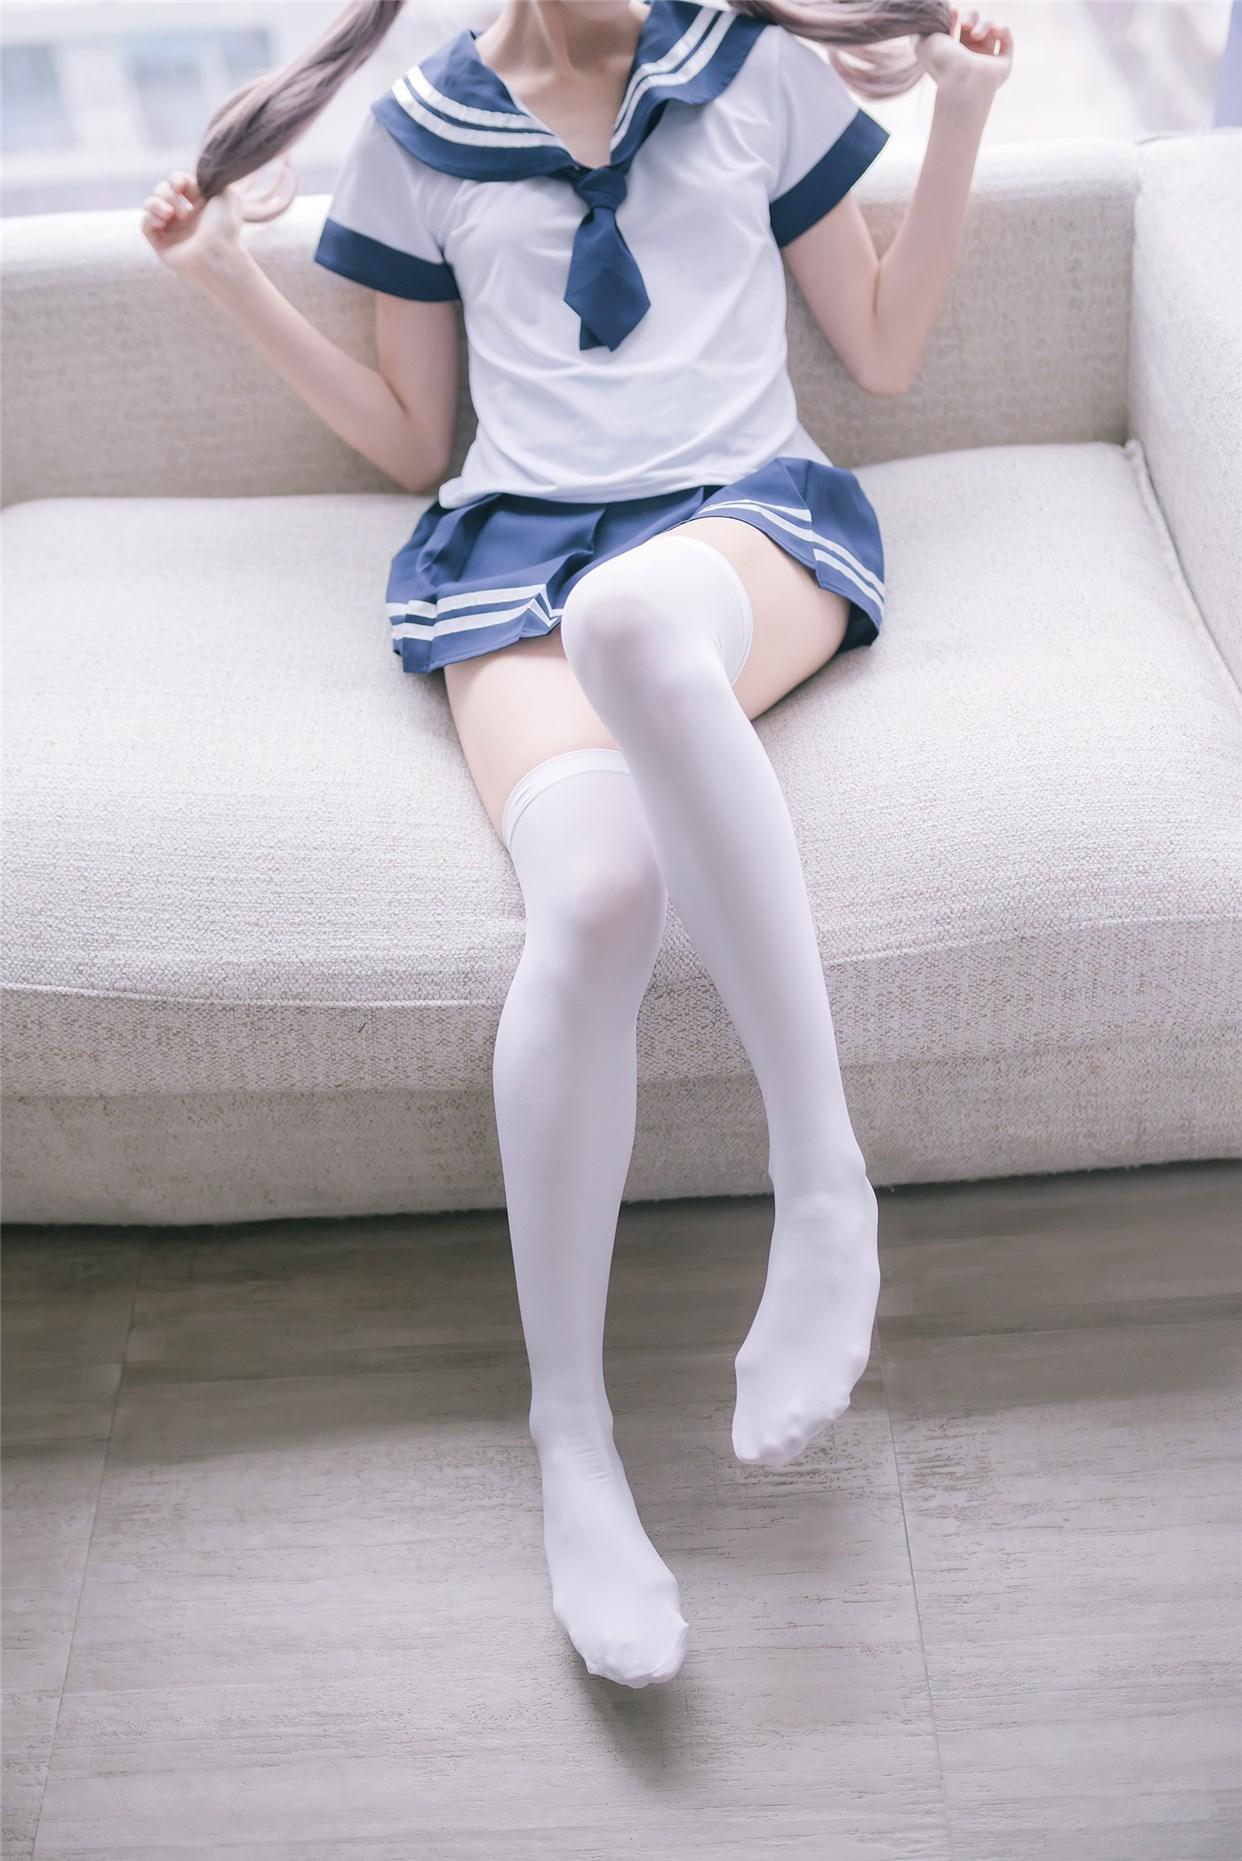 【兔玩映画】白丝JK 兔玩映画 第41张